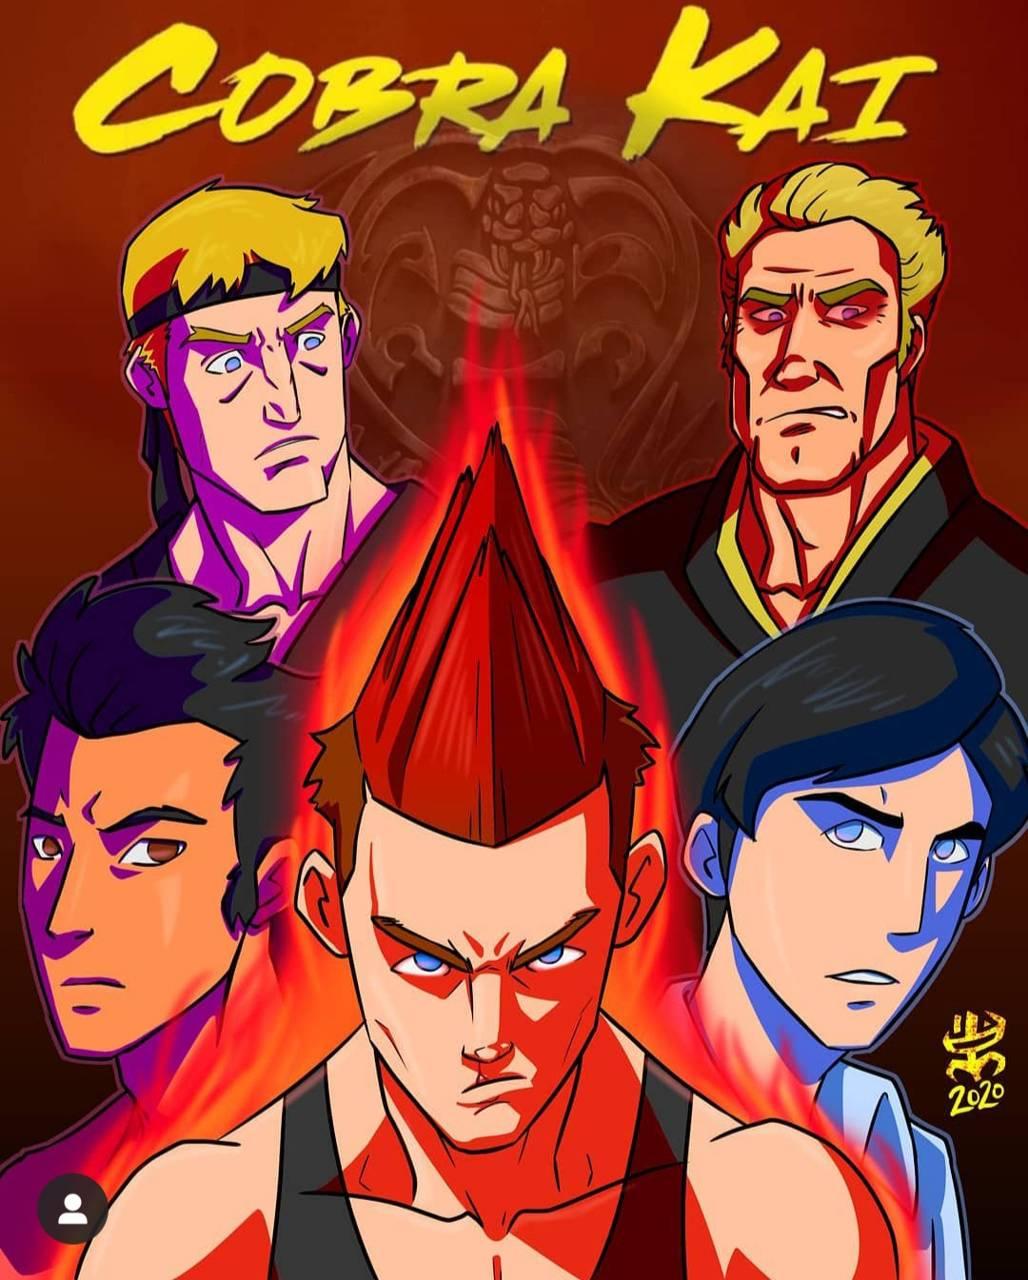 Cobra kai wallpaper by Pepitomastino - 9a - Free on ZEDGE™